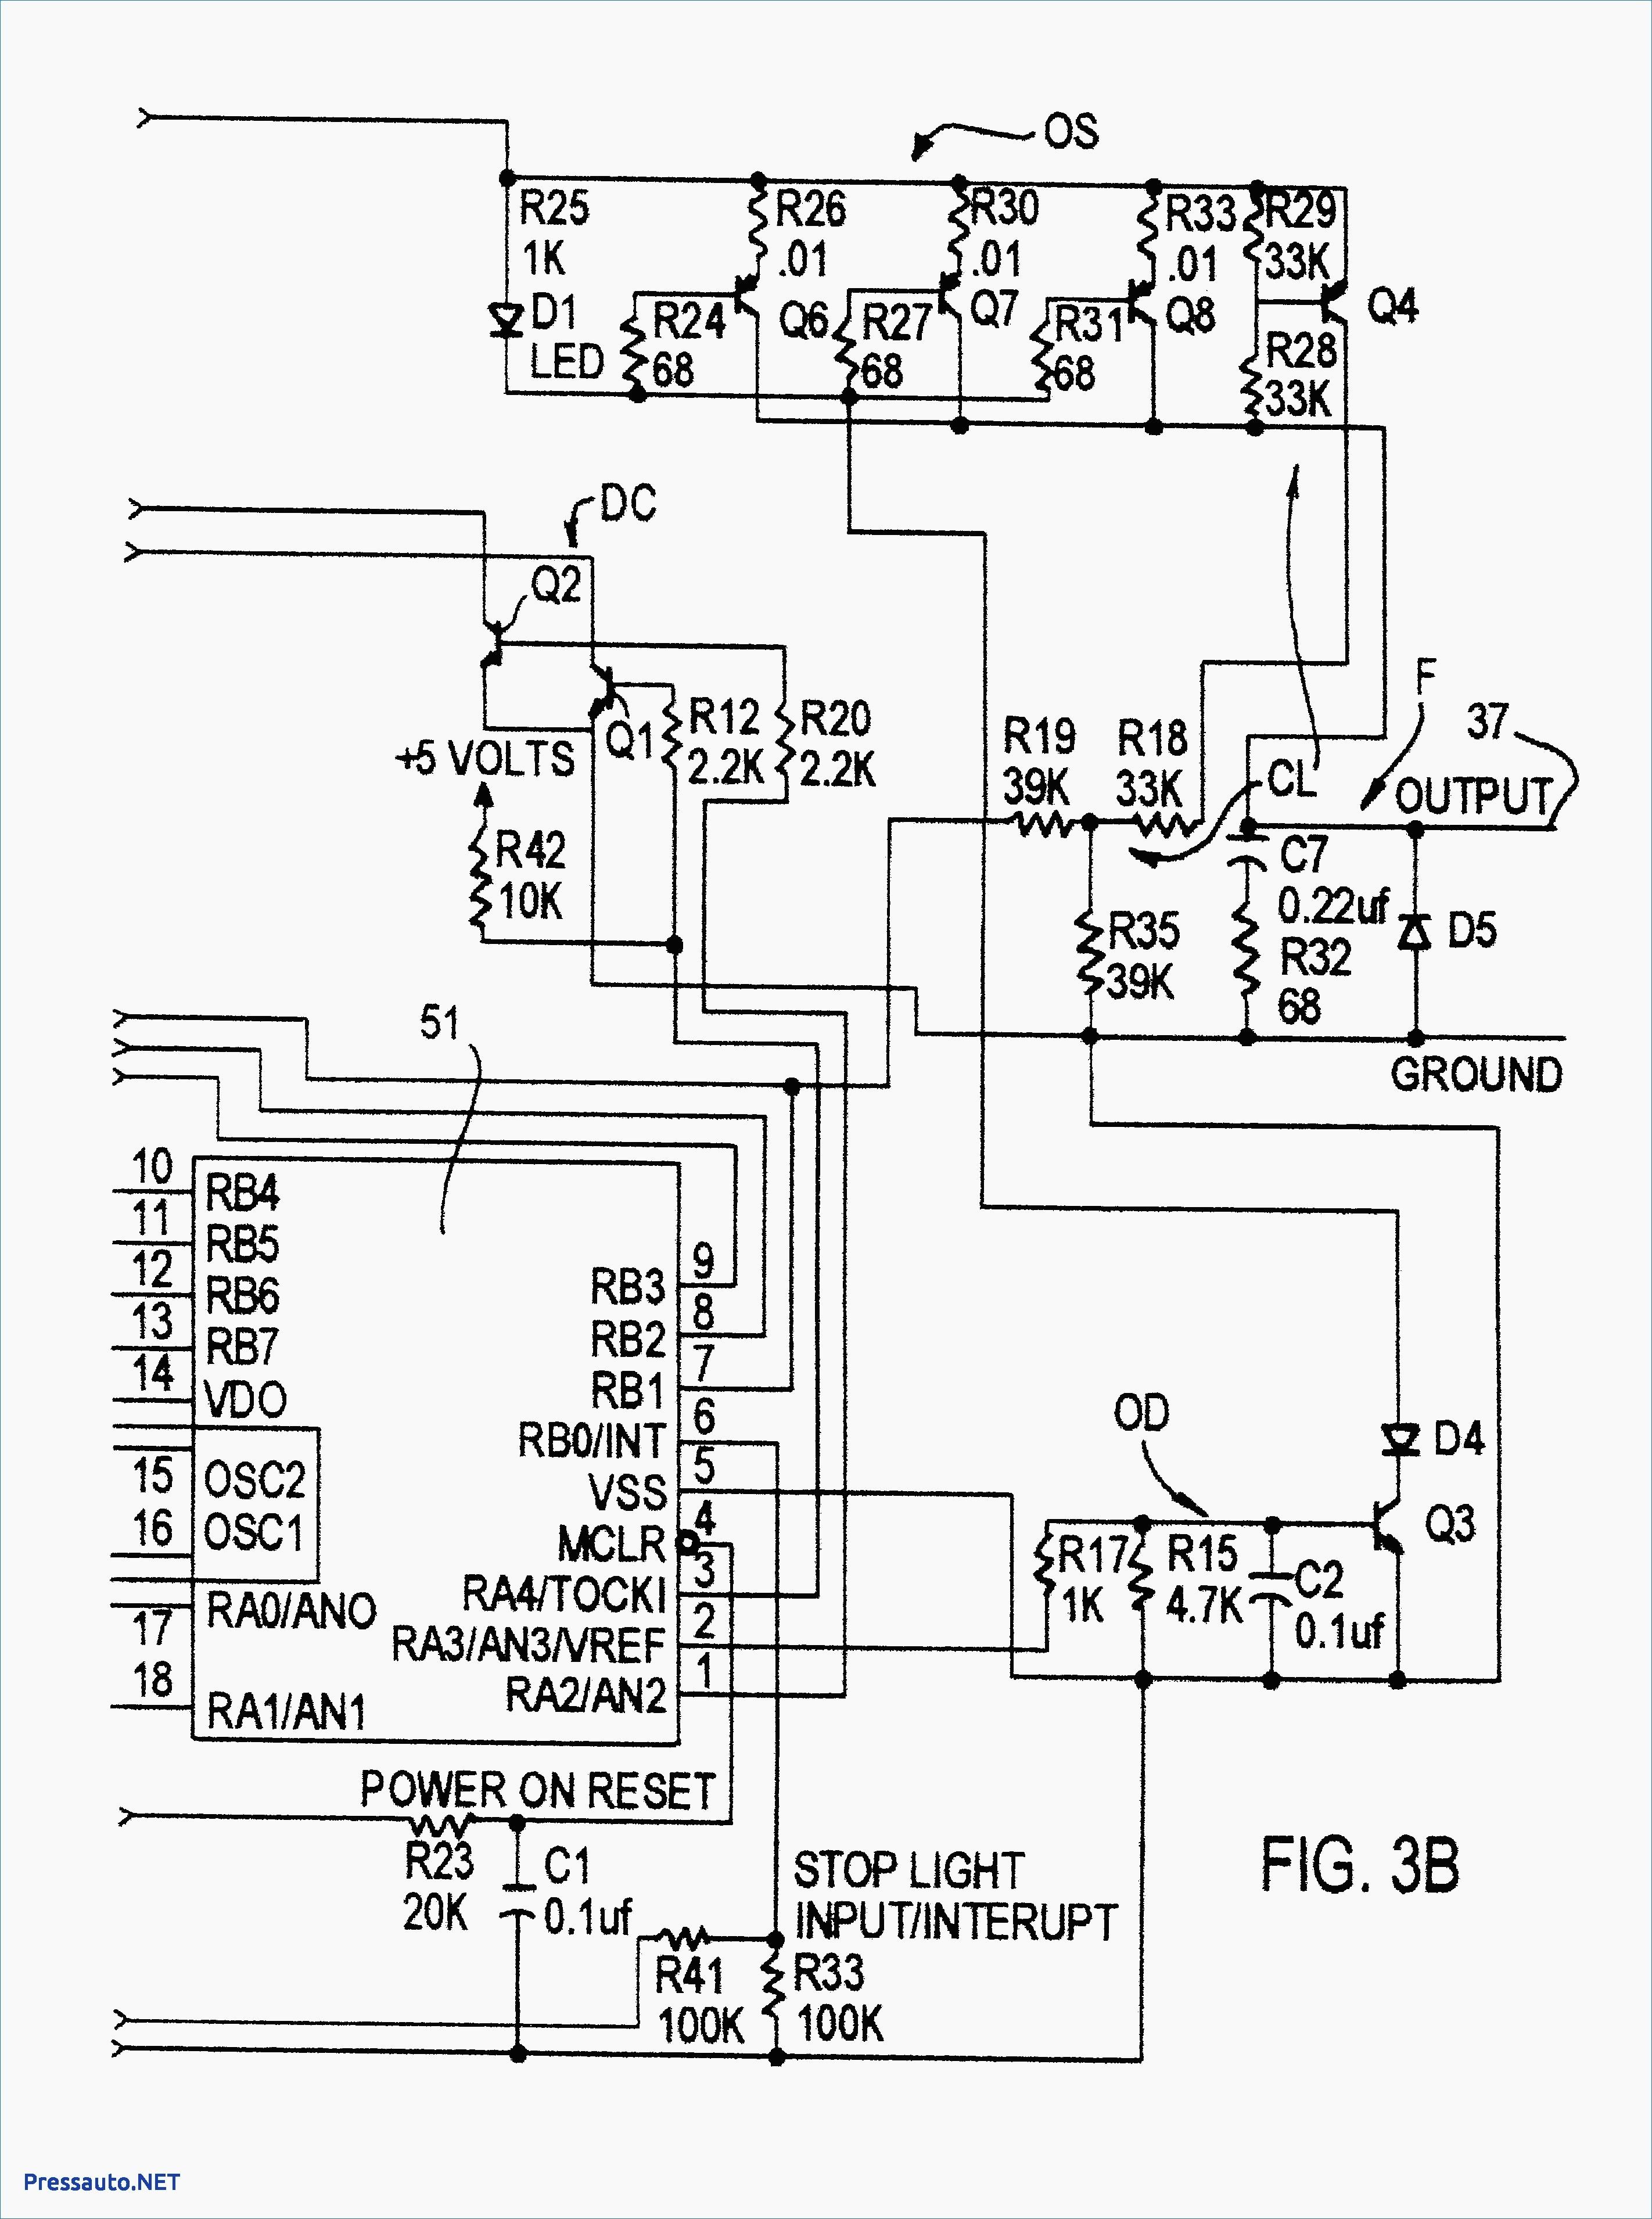 Brake Light Wiring Diagram Trailer Brake Controller Wiring Diagram Trailer Brake Control Of Brake Light Wiring Diagram